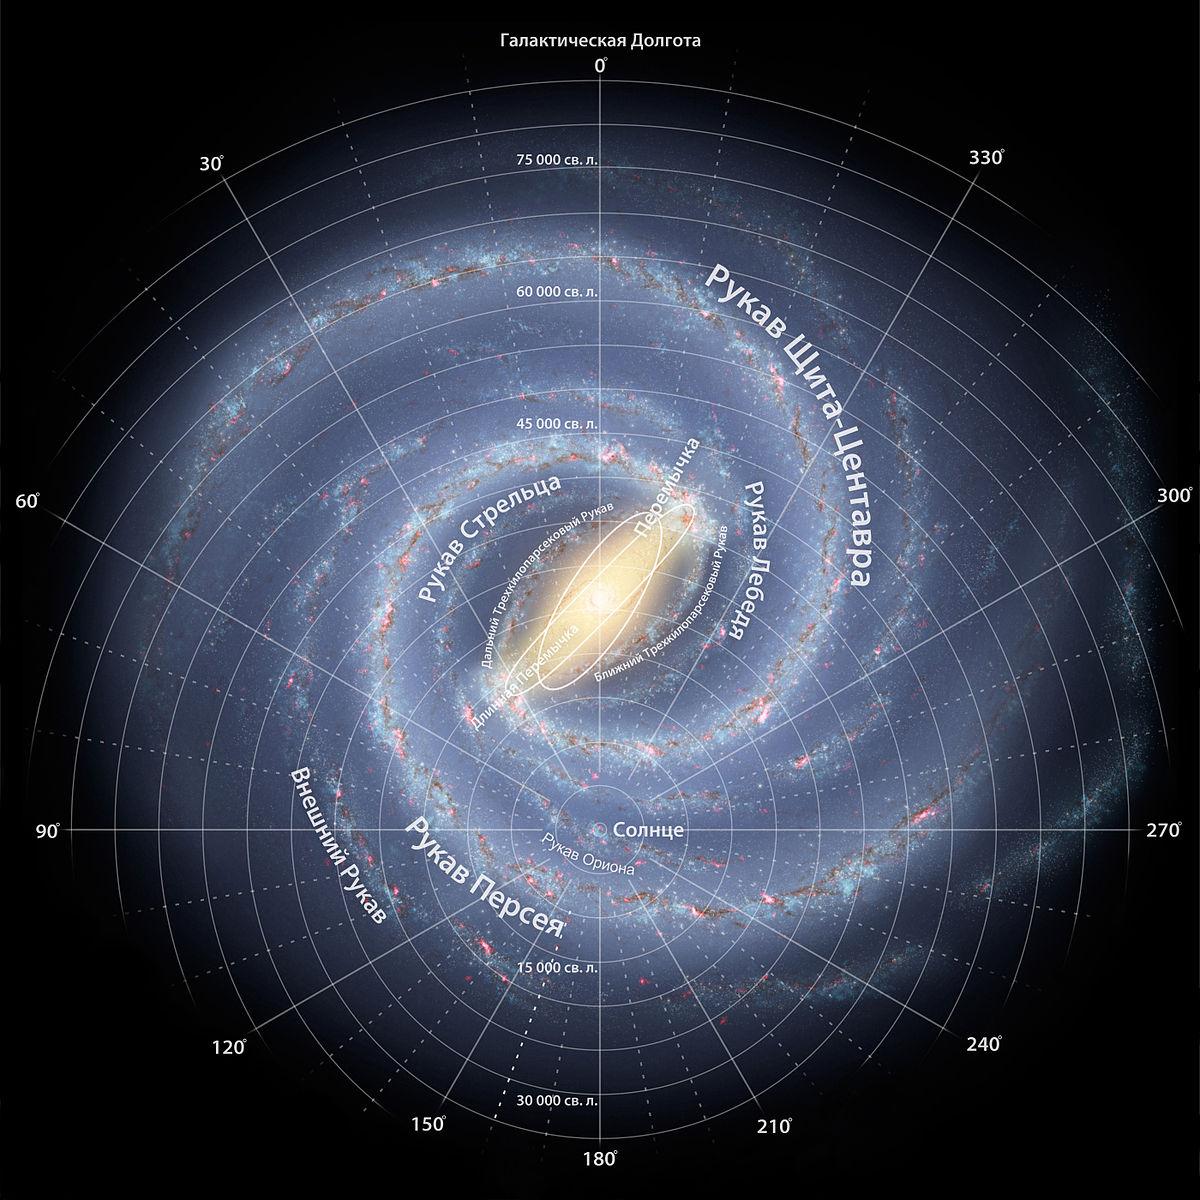 Млечный путь (компьютерная модель). Спиральная галактика с перемычкой. В центре предположительно находится сверхмассивная чёрная дыра — Стрелец А*. Доминируют два из четырёх рукавов.